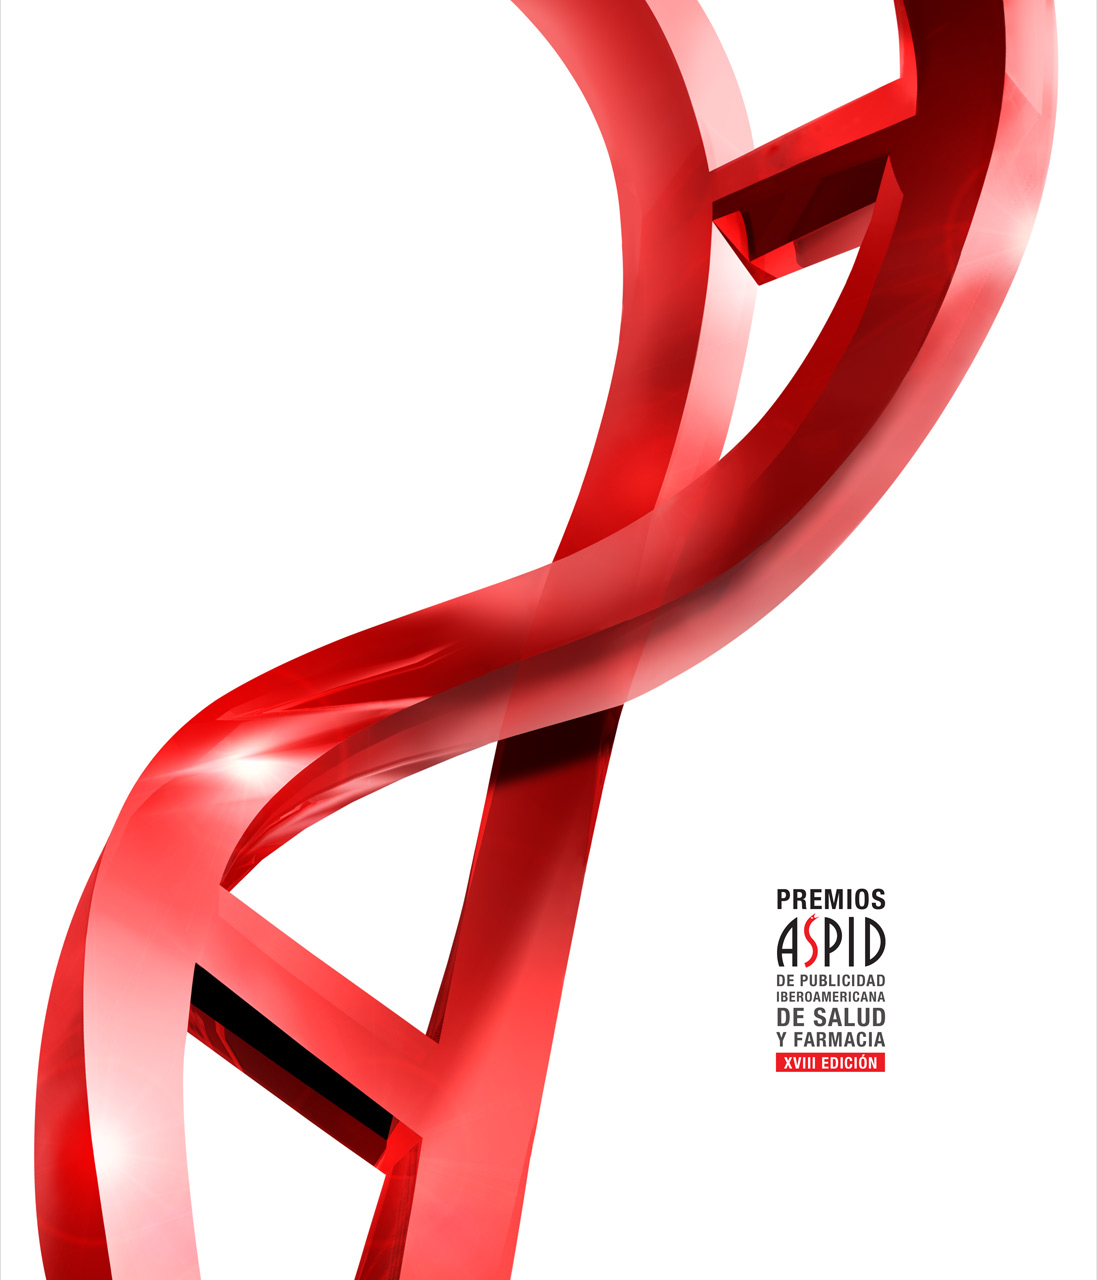 Premios Aspid - ADN.